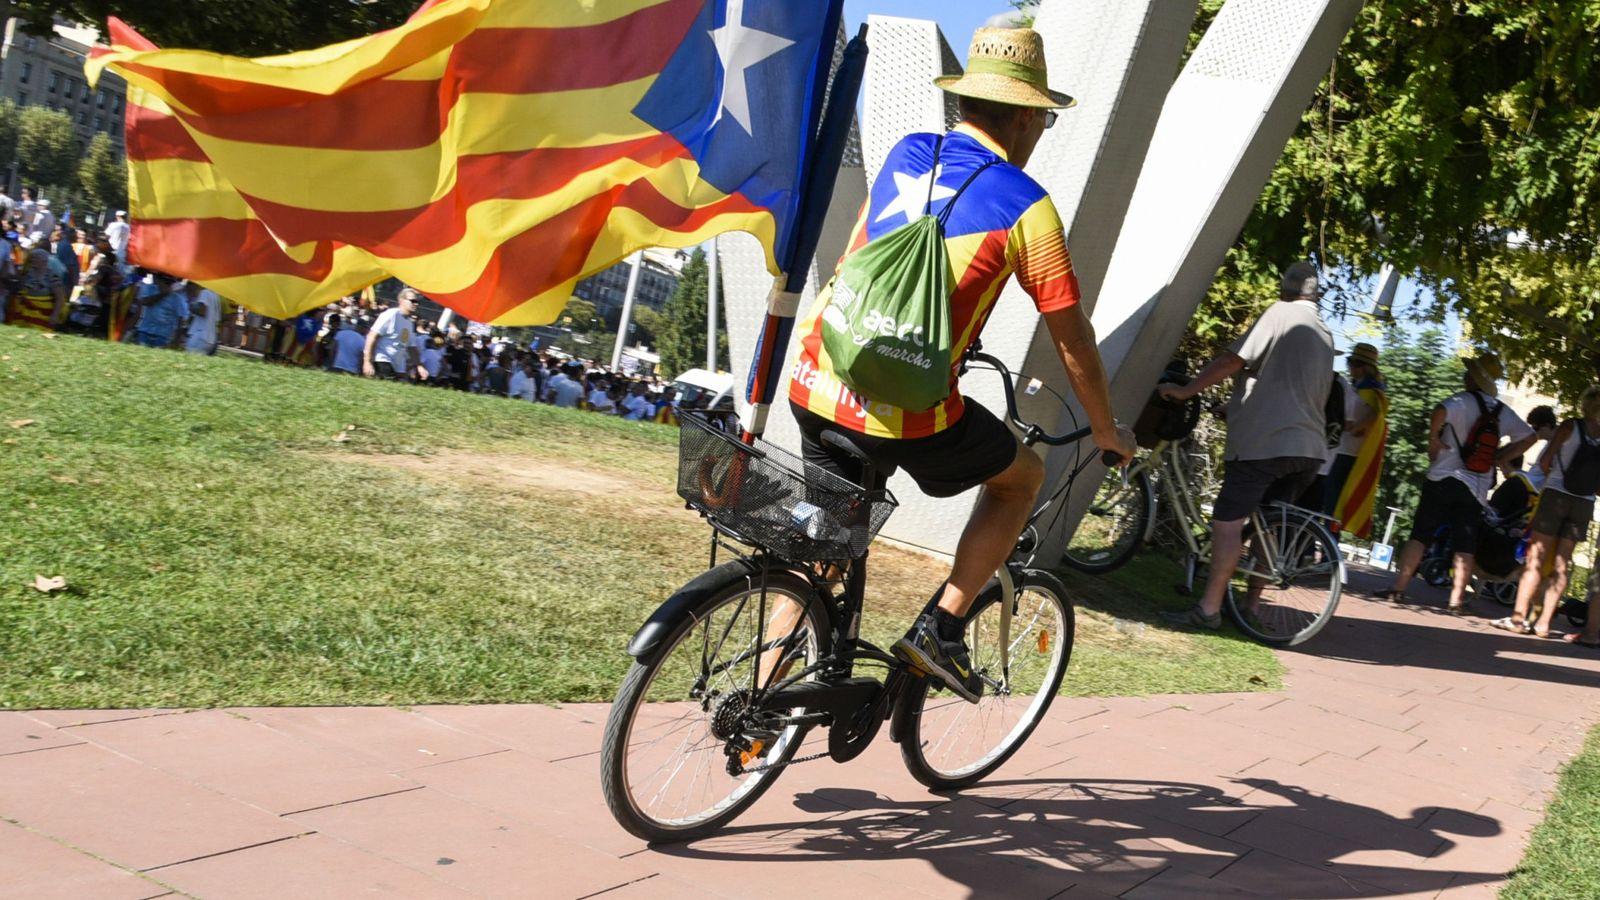 Foto: Un joven porta una estelada durante una manifestación a favor de la independencia en Cataluña. (EFE)